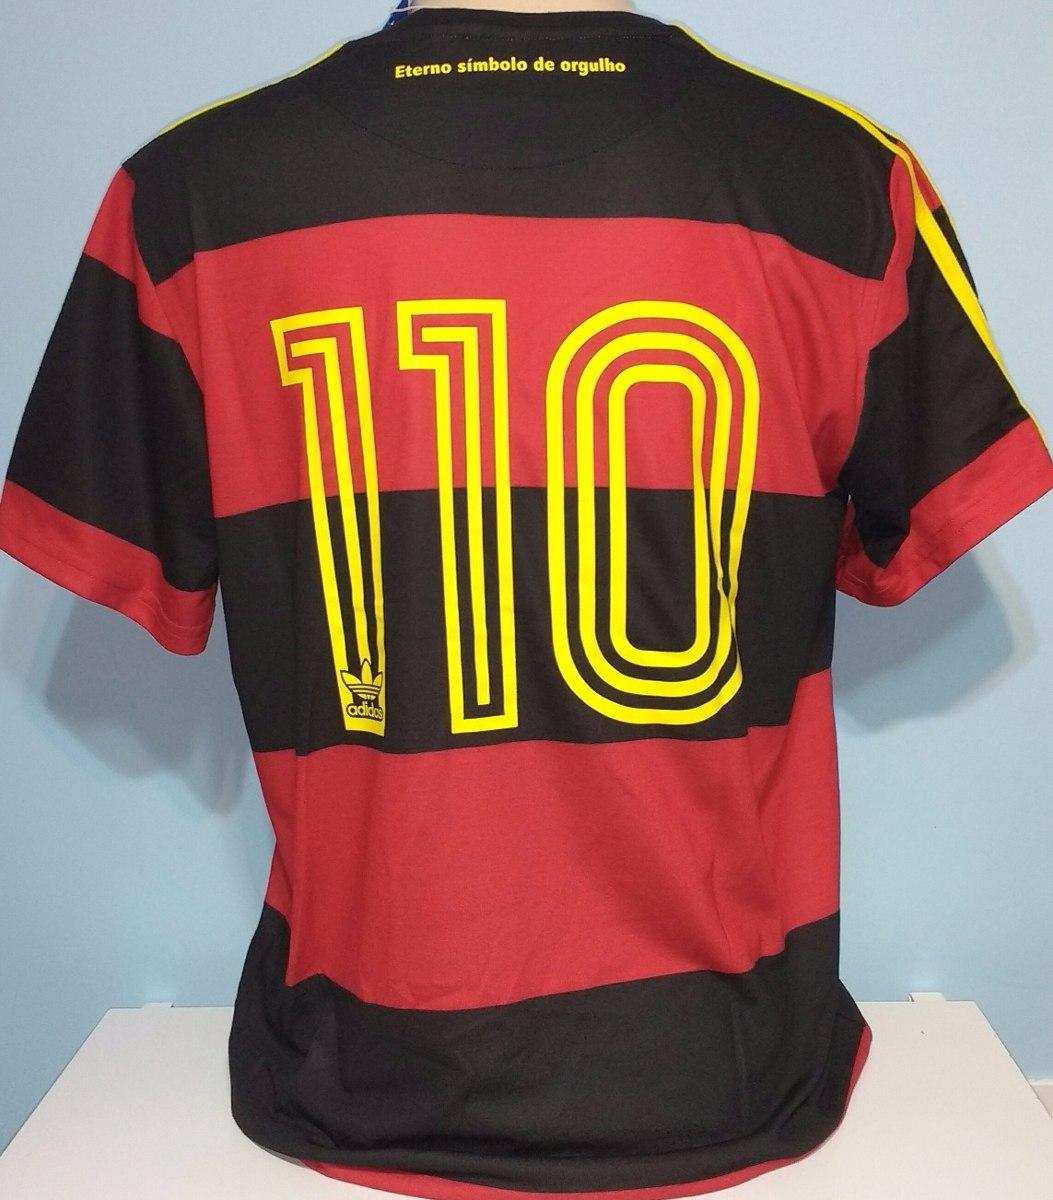 camiseta sport recife original adidas 110 anos algodão - 08. Carregando zoom . 5467c3a10bf8c